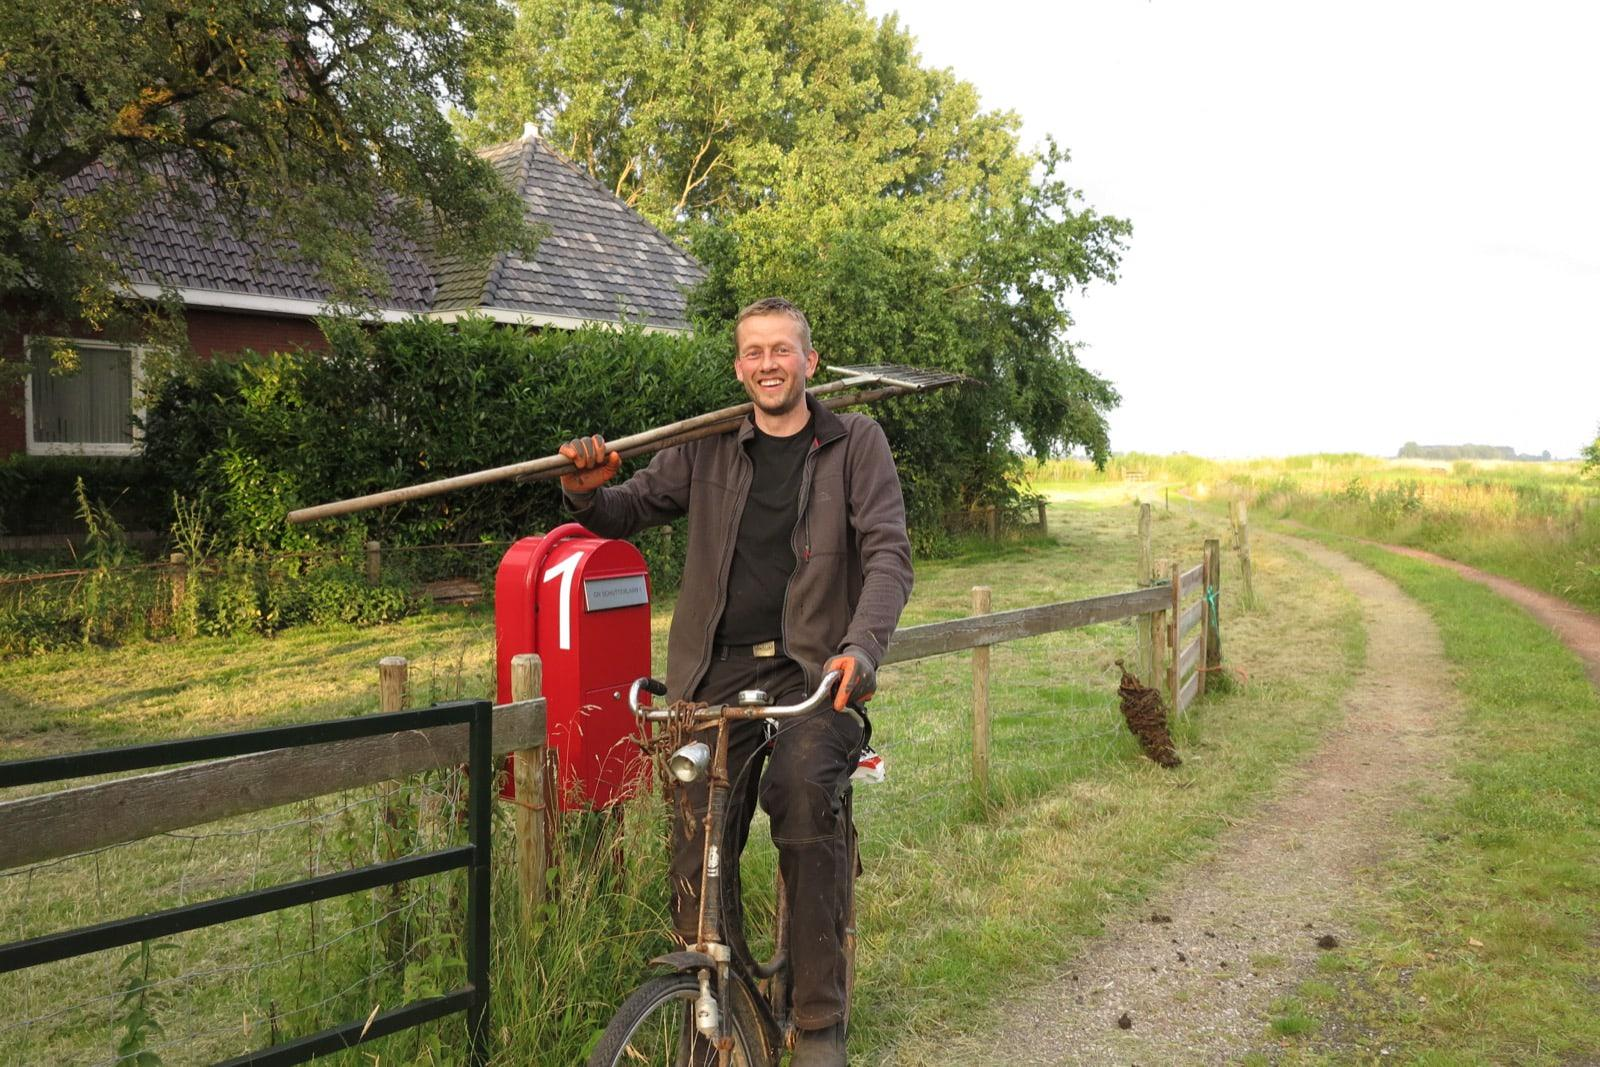 et-fiets-en-fietser-55-sebastiaan-blaauw-oi.jpg